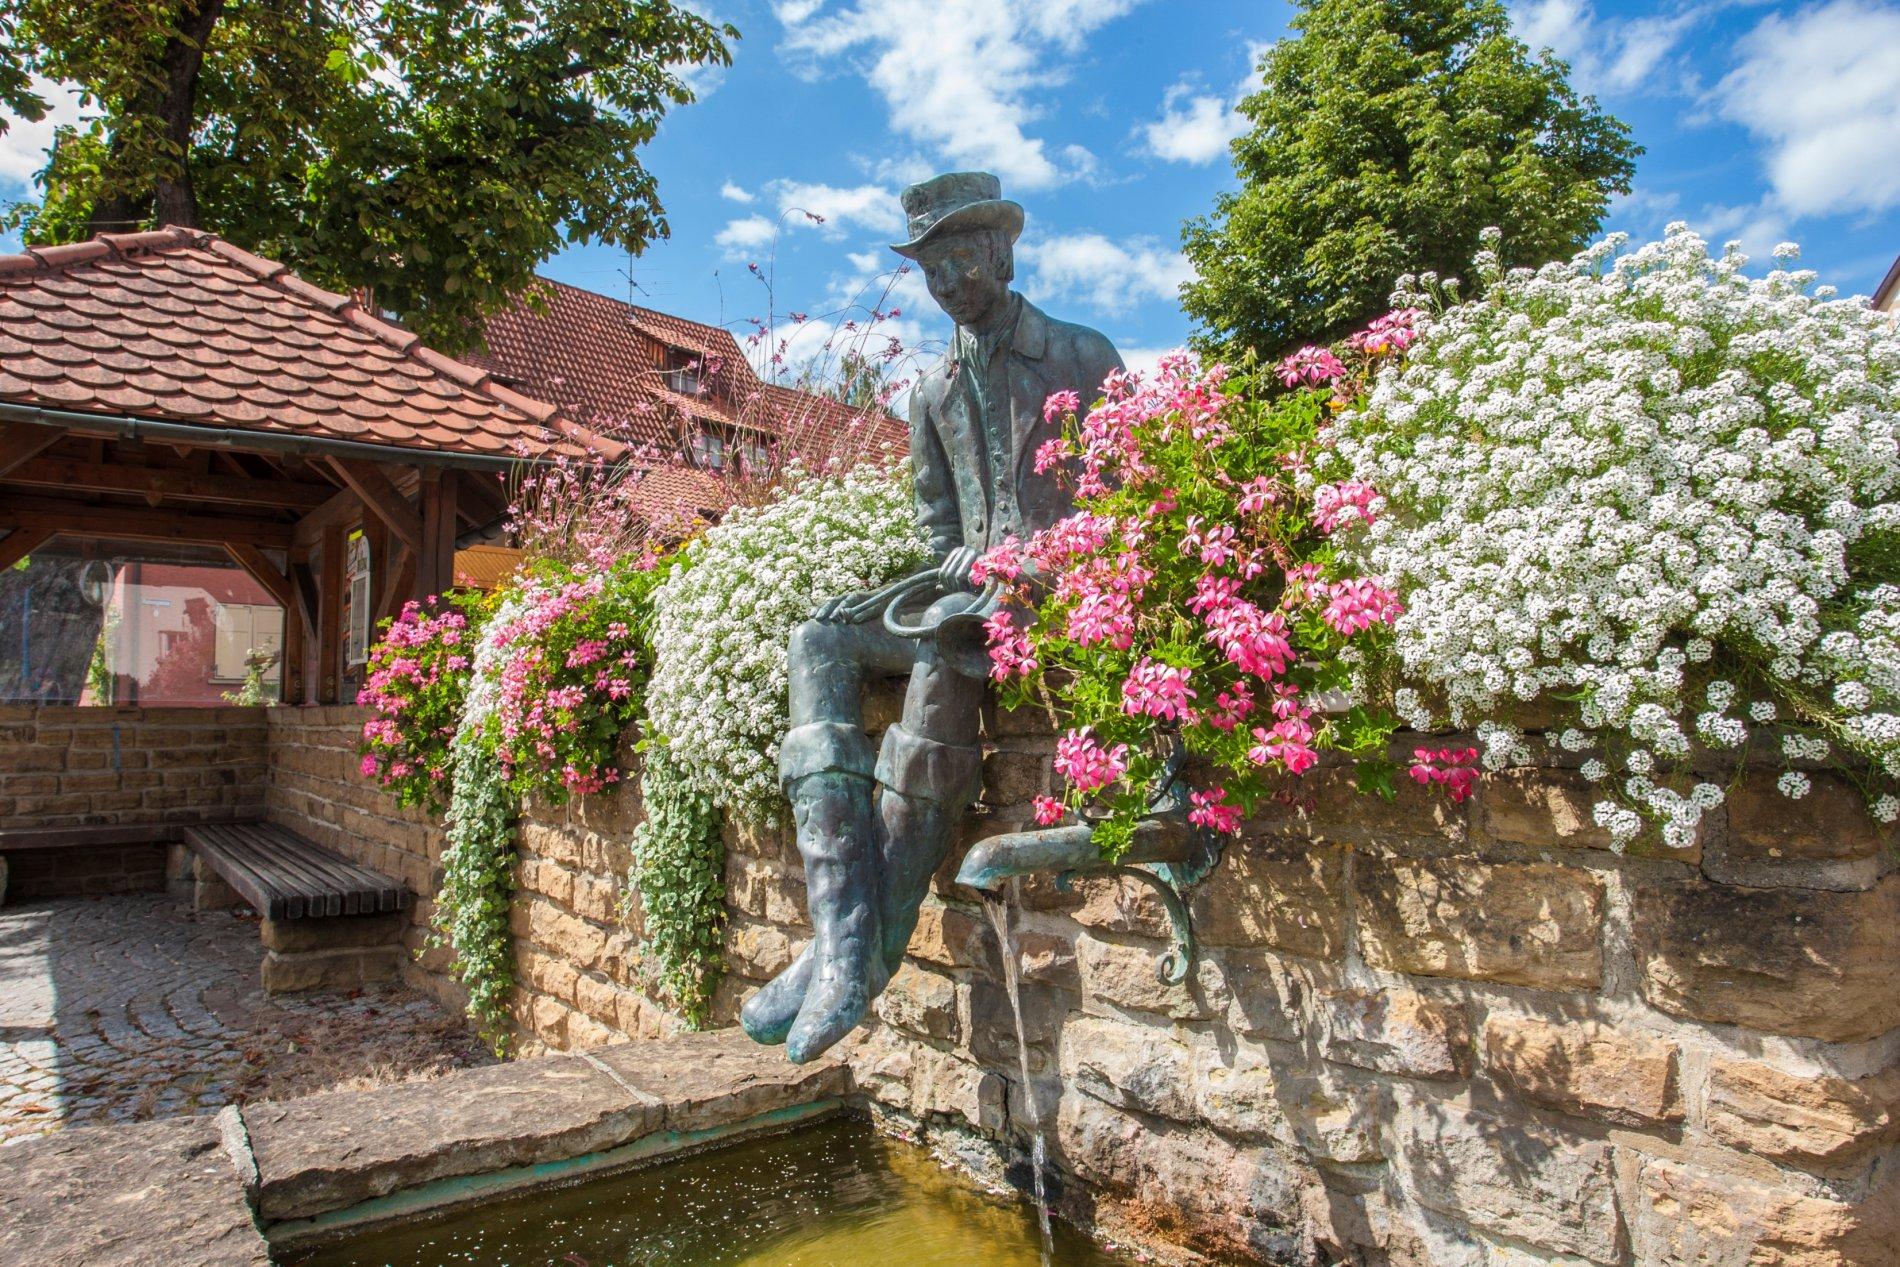 Brunnen mit Blumen und der Skulptur eines Mannes